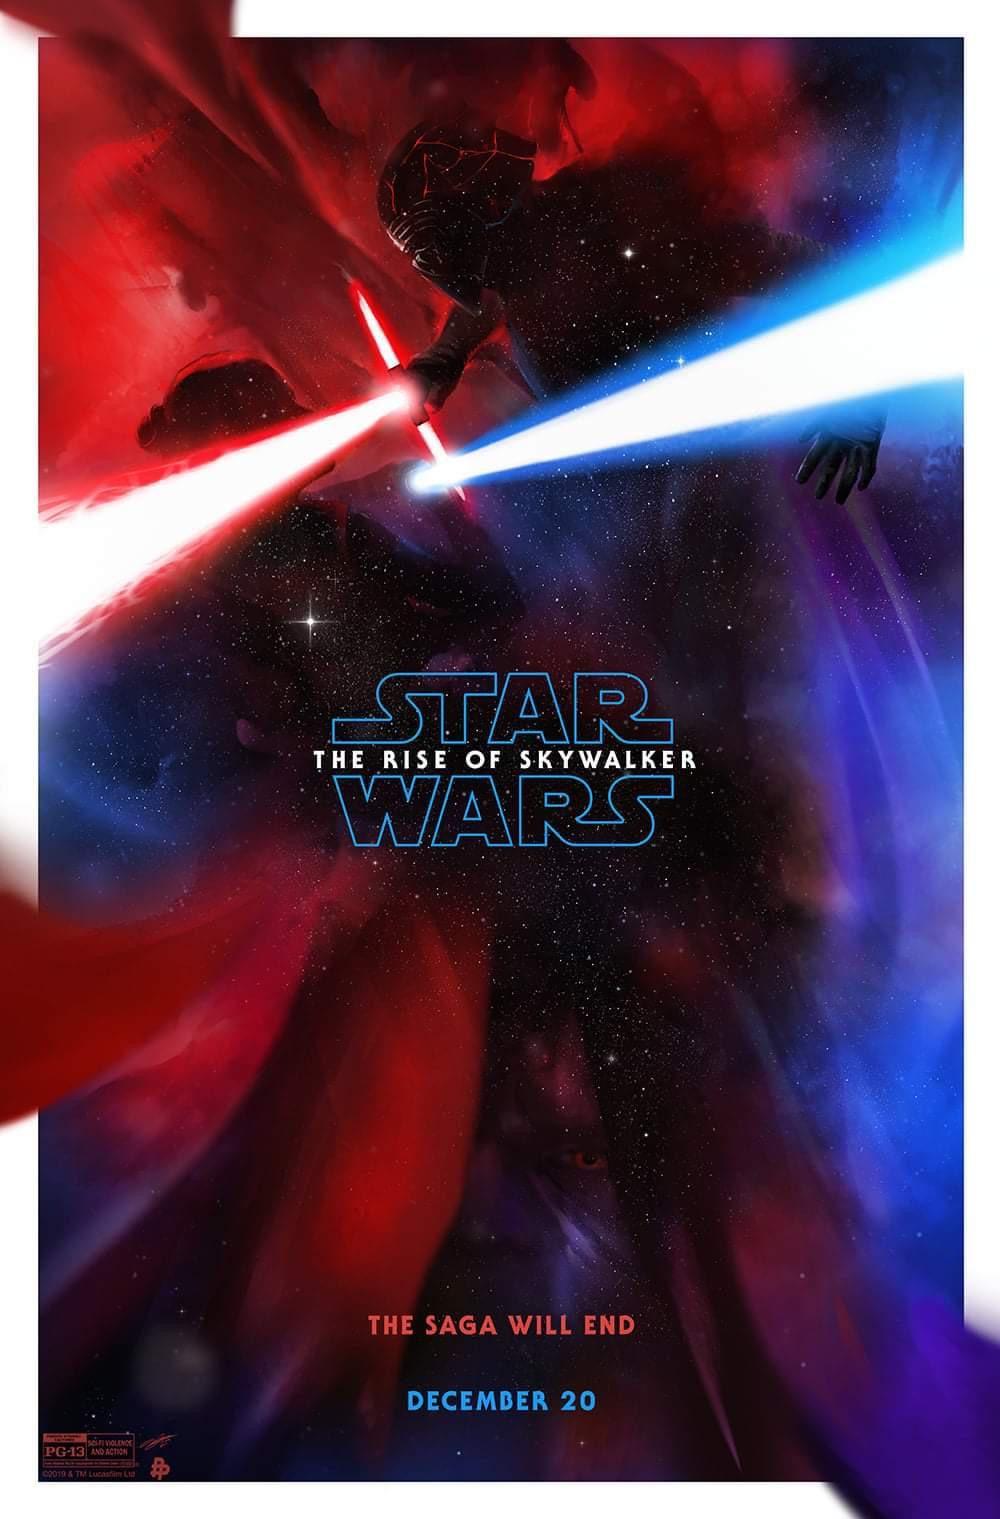 Theriseofskywalker Starwarsart Star Wars Poster Star Wars Wallpaper Star Wars Fandom